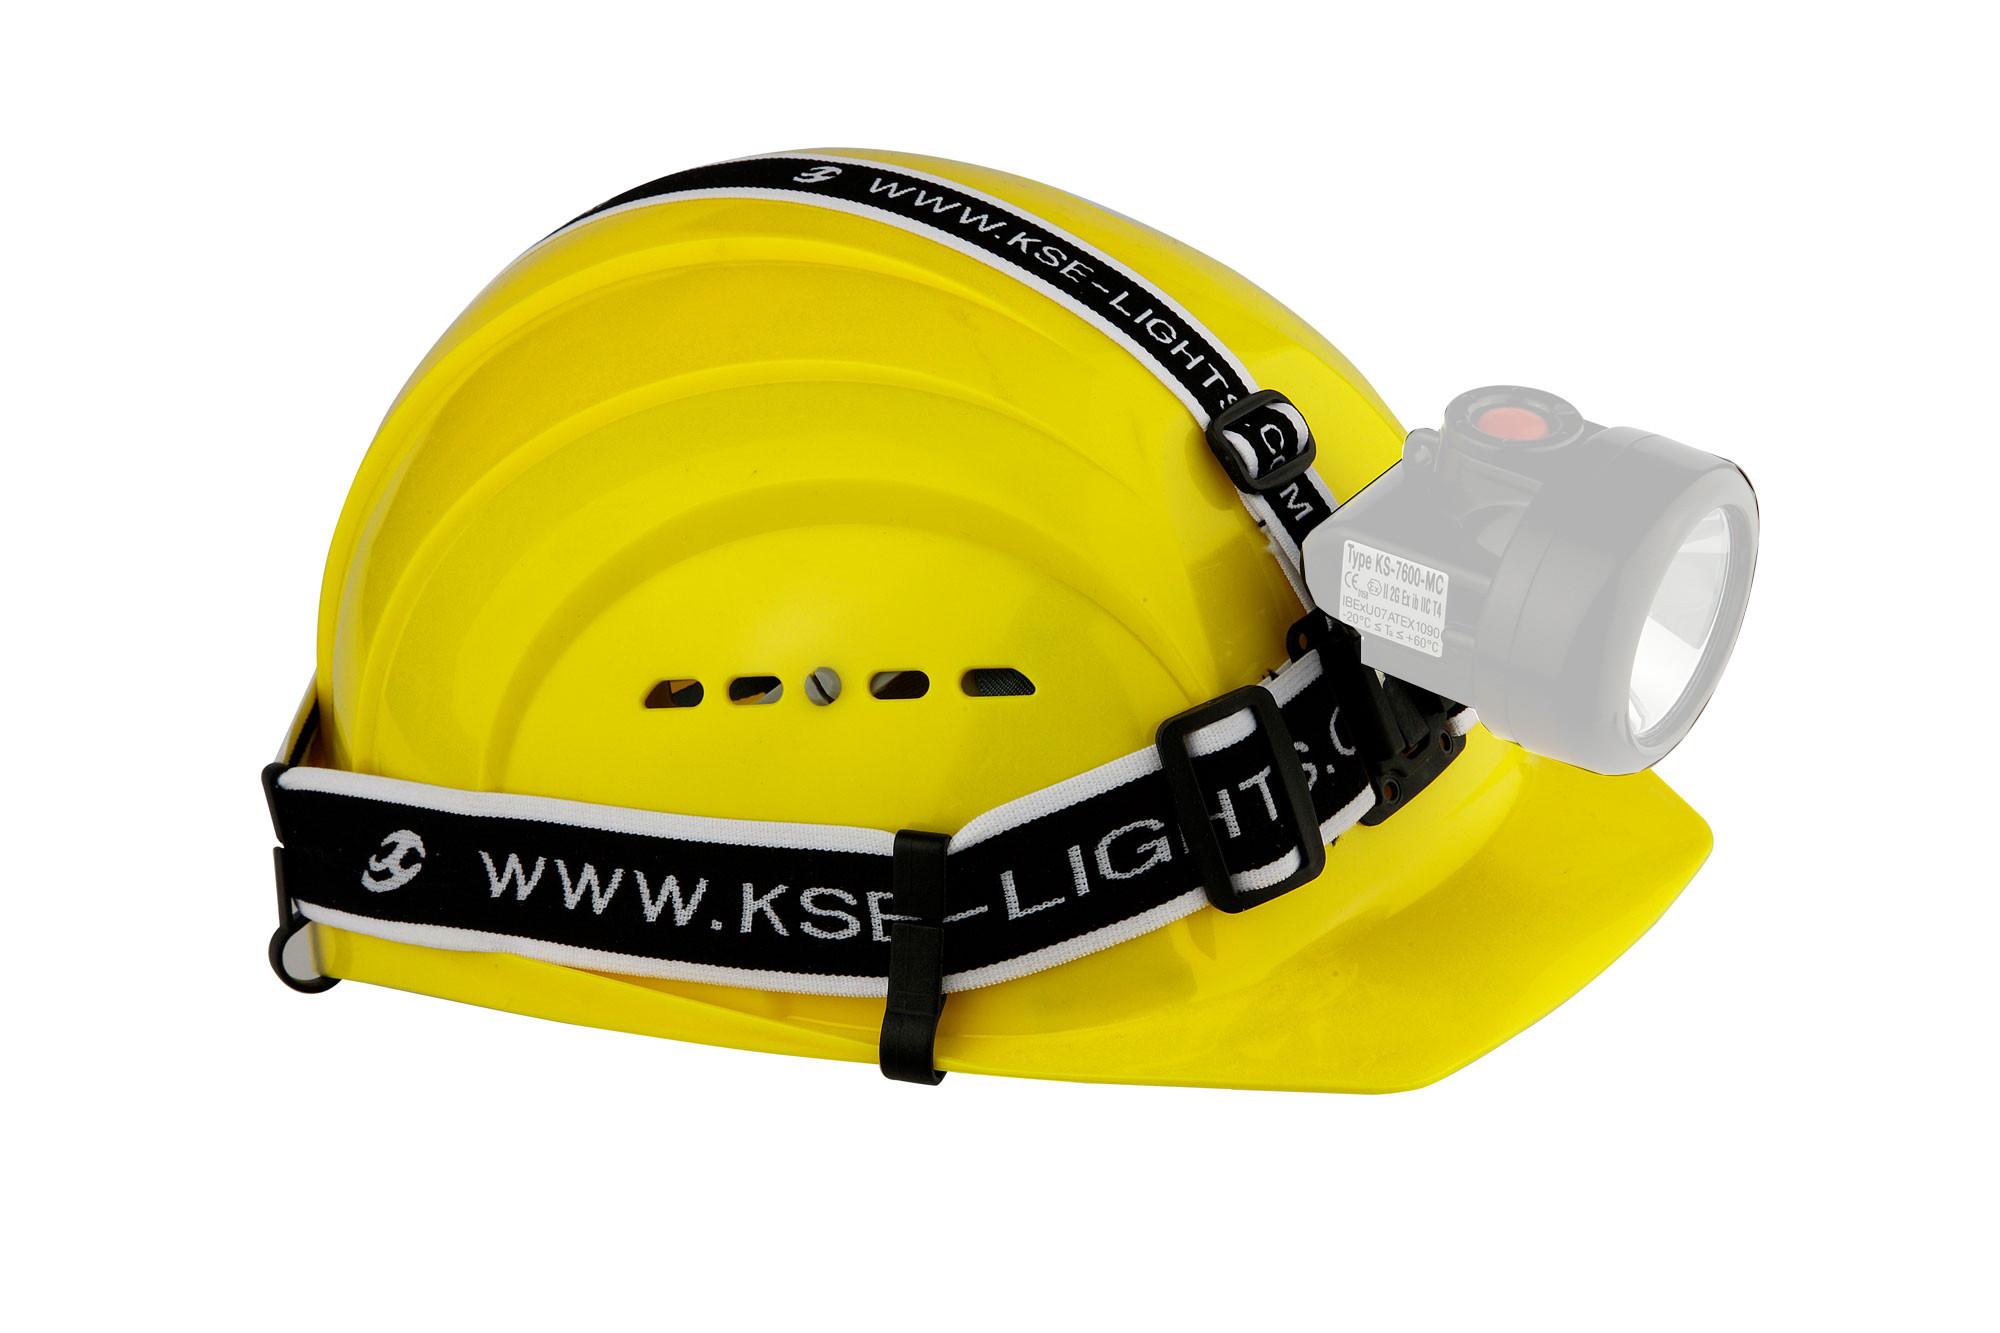 KSE helmet spider